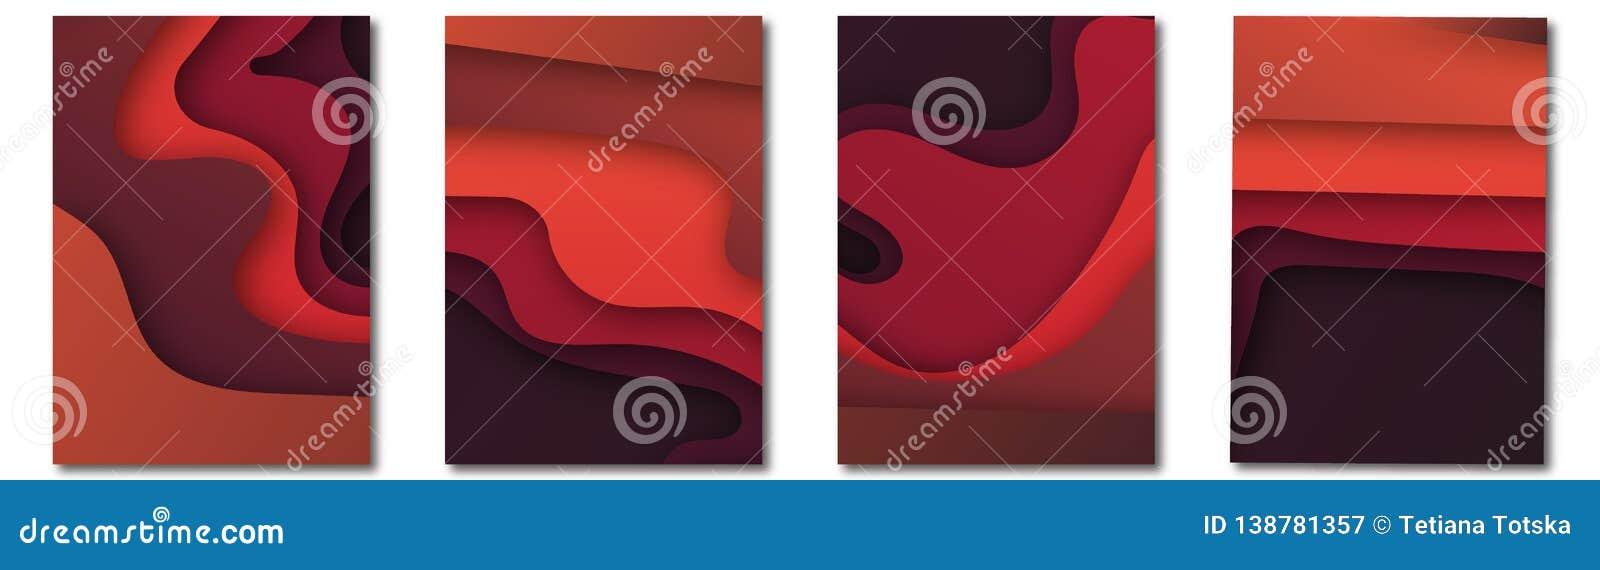 Plantilla moderna del vector para el folleto, prospecto, aviador, cubierta, catálogo de tamaño A4 El líquido abstracto 3d forma e